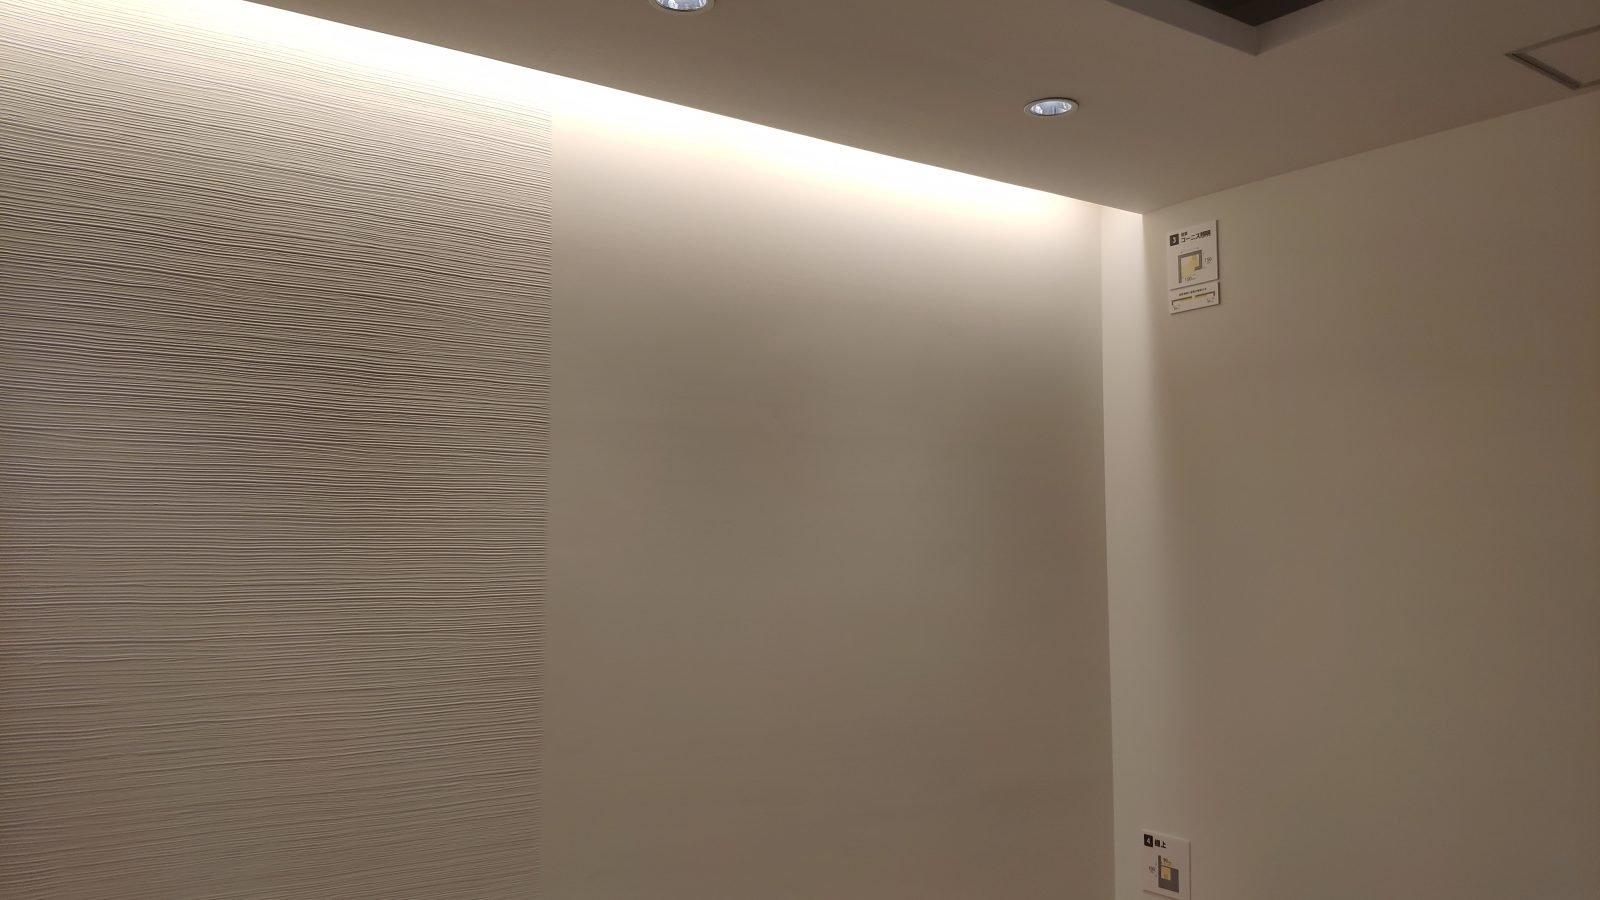 電球色のコーニス照明(実際は全体的にもっと明るく見えます)